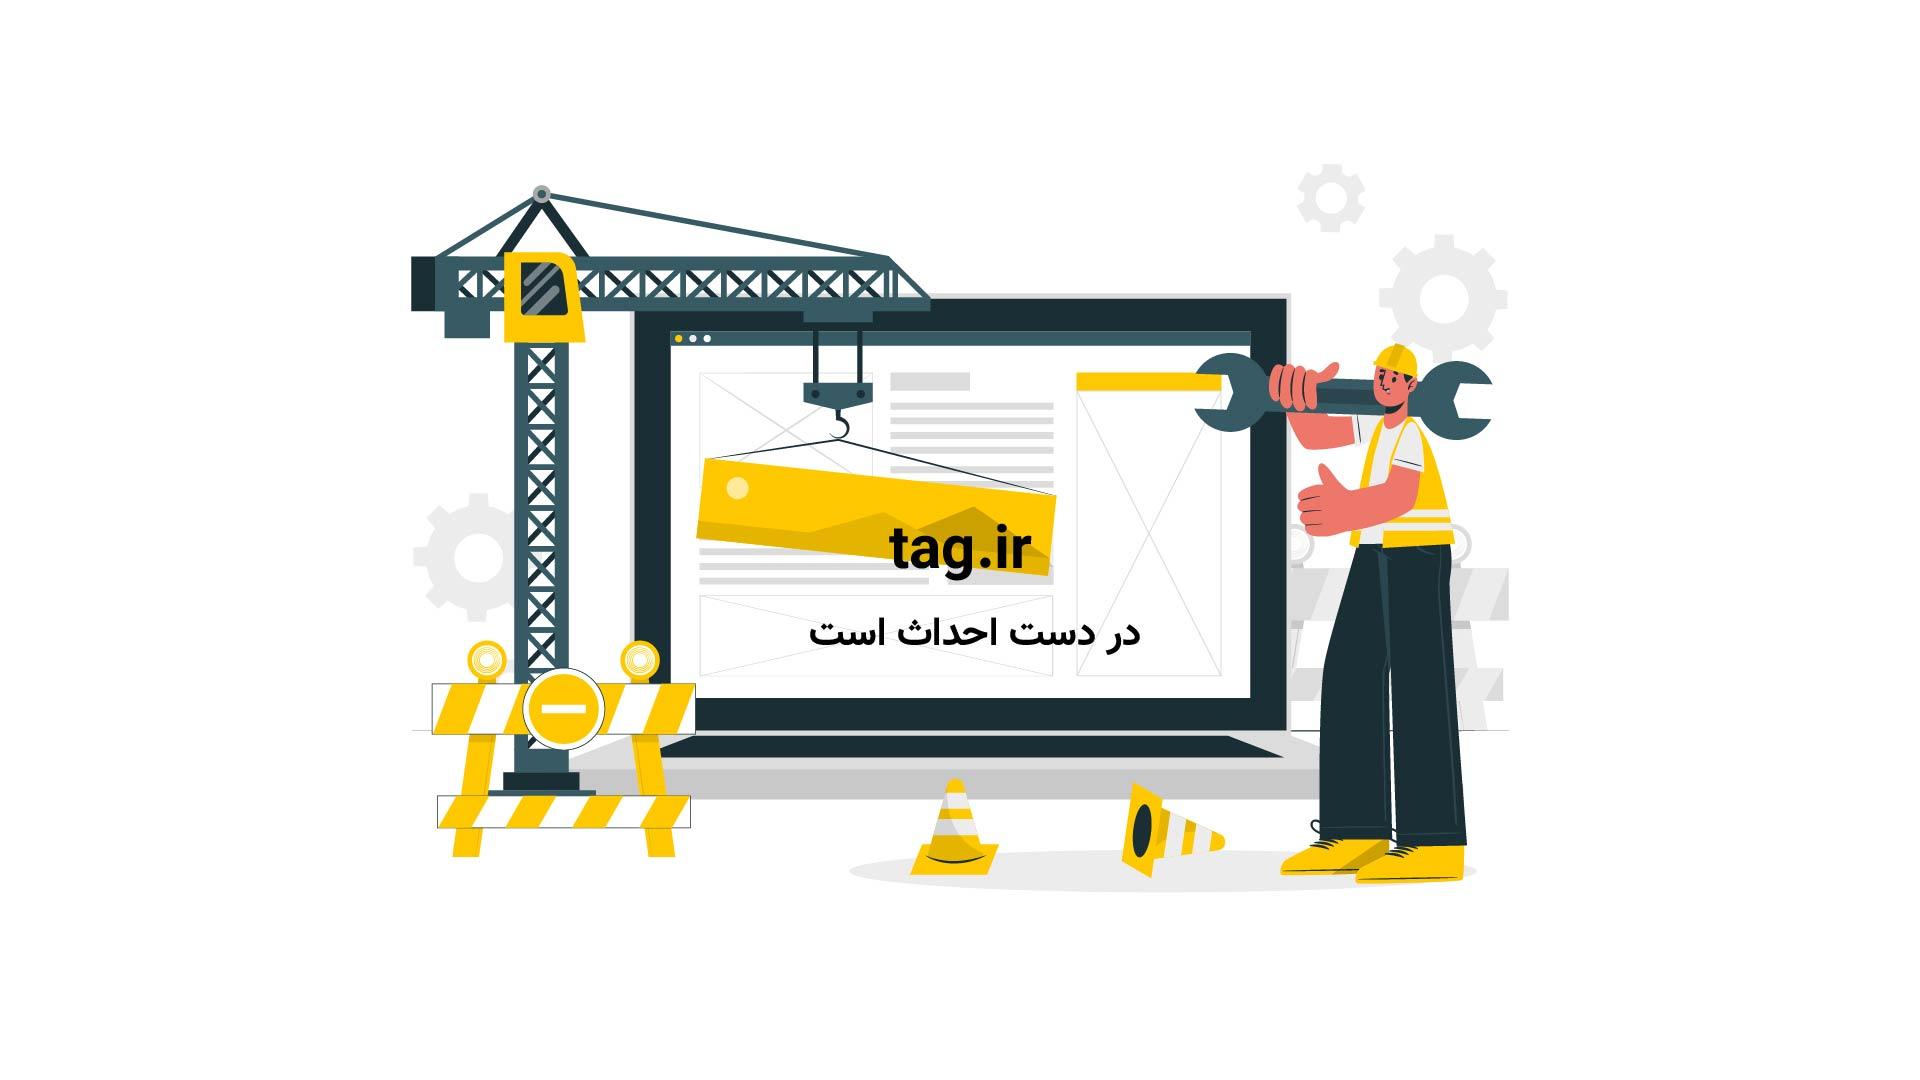 خلاصه گل های مسابقات مقدماتی جام جهانی در گروه G و H و I اروپا | فیلم